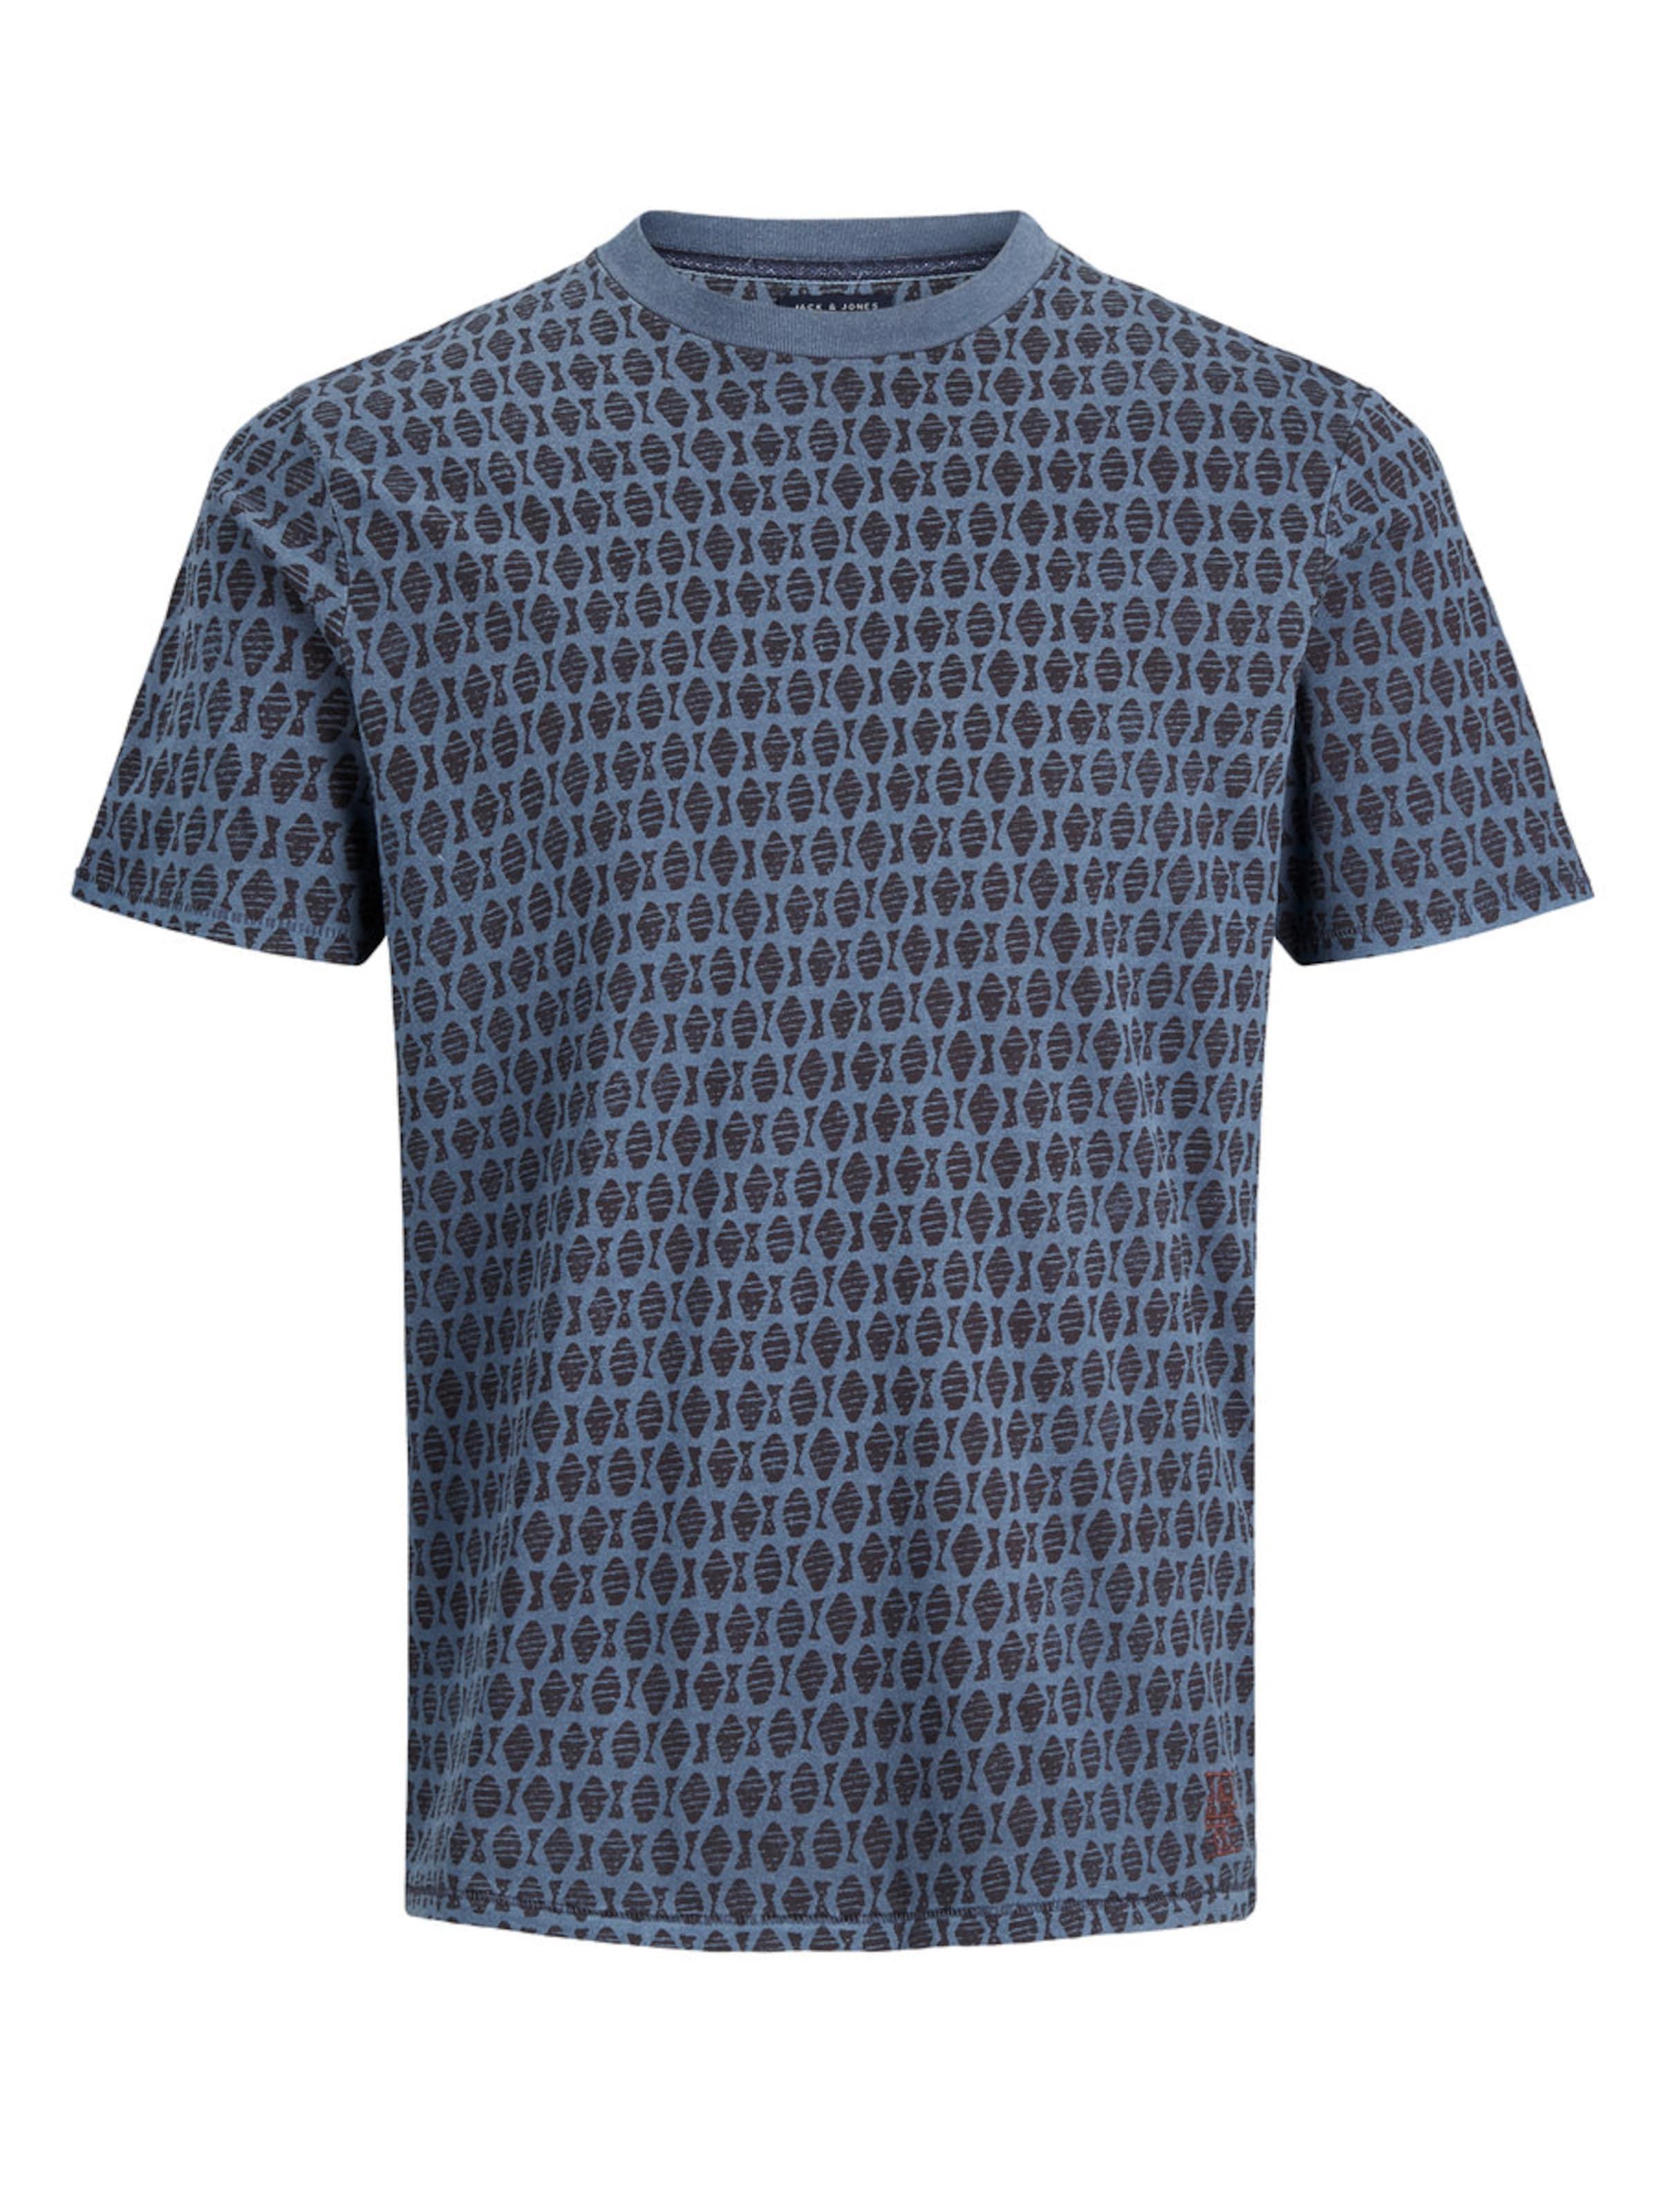 Jackamp; shirt RauchblauSchwarz In Jones T K3cFT1Jul